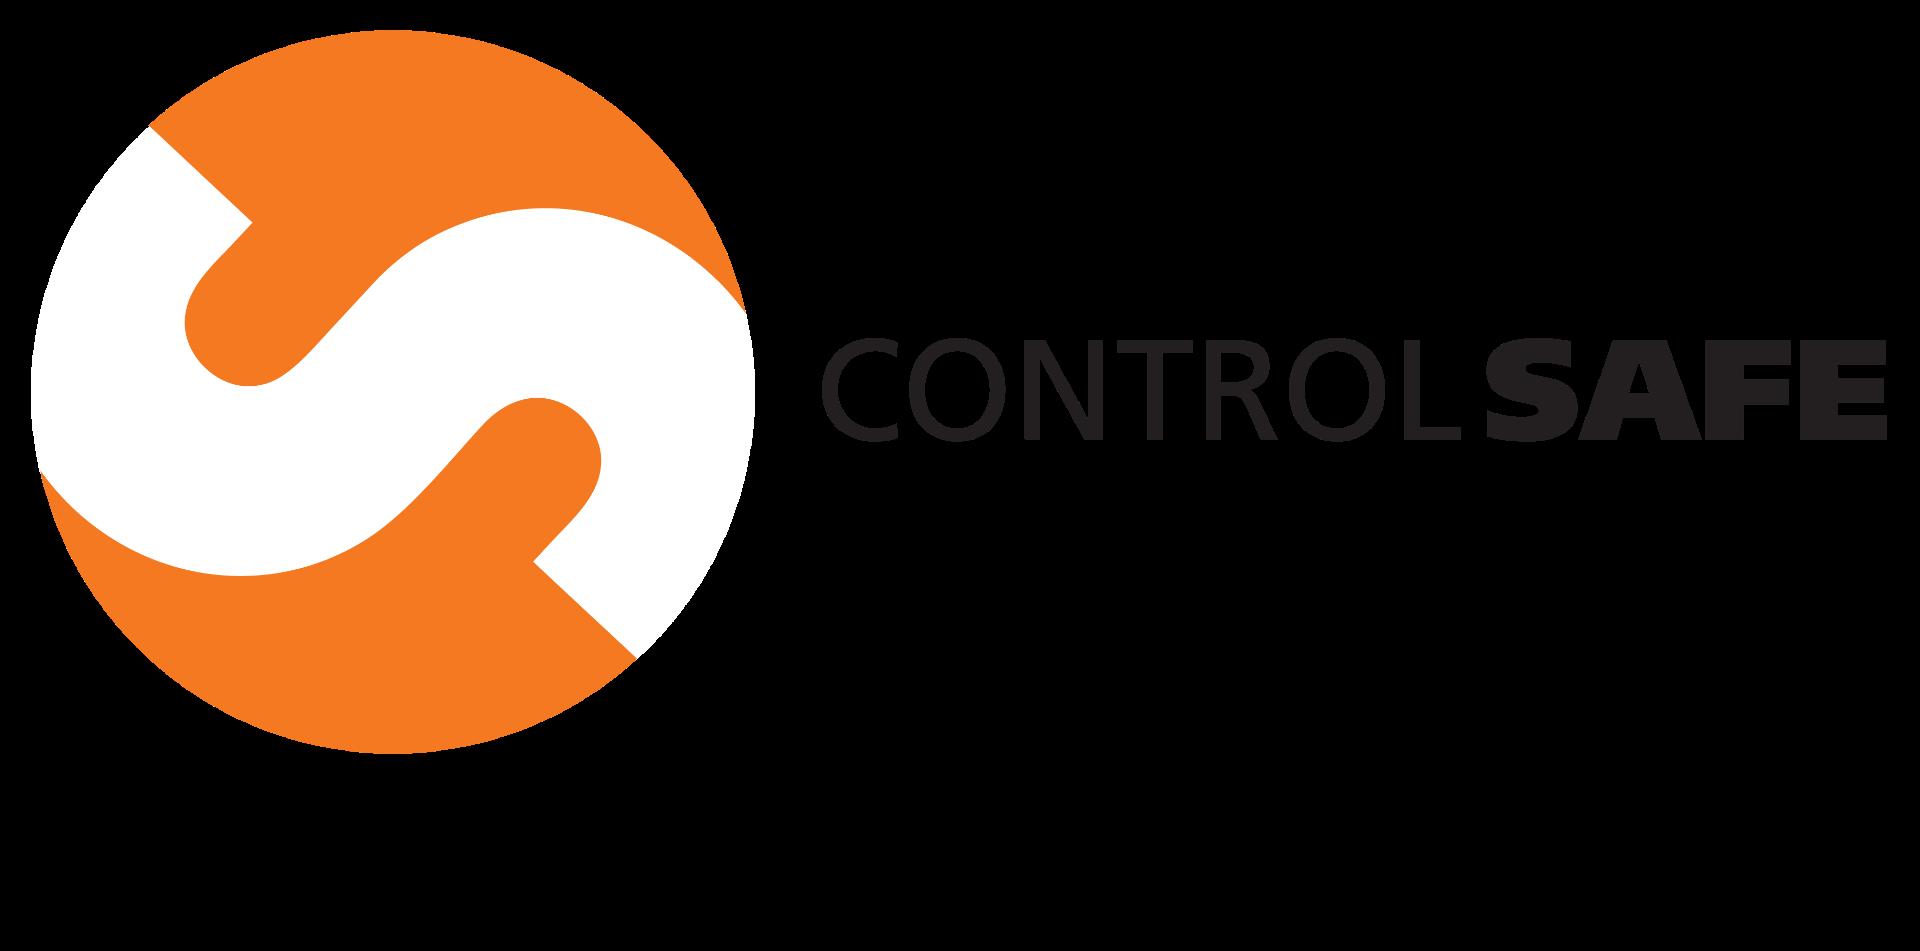 CONTROLSAFE1